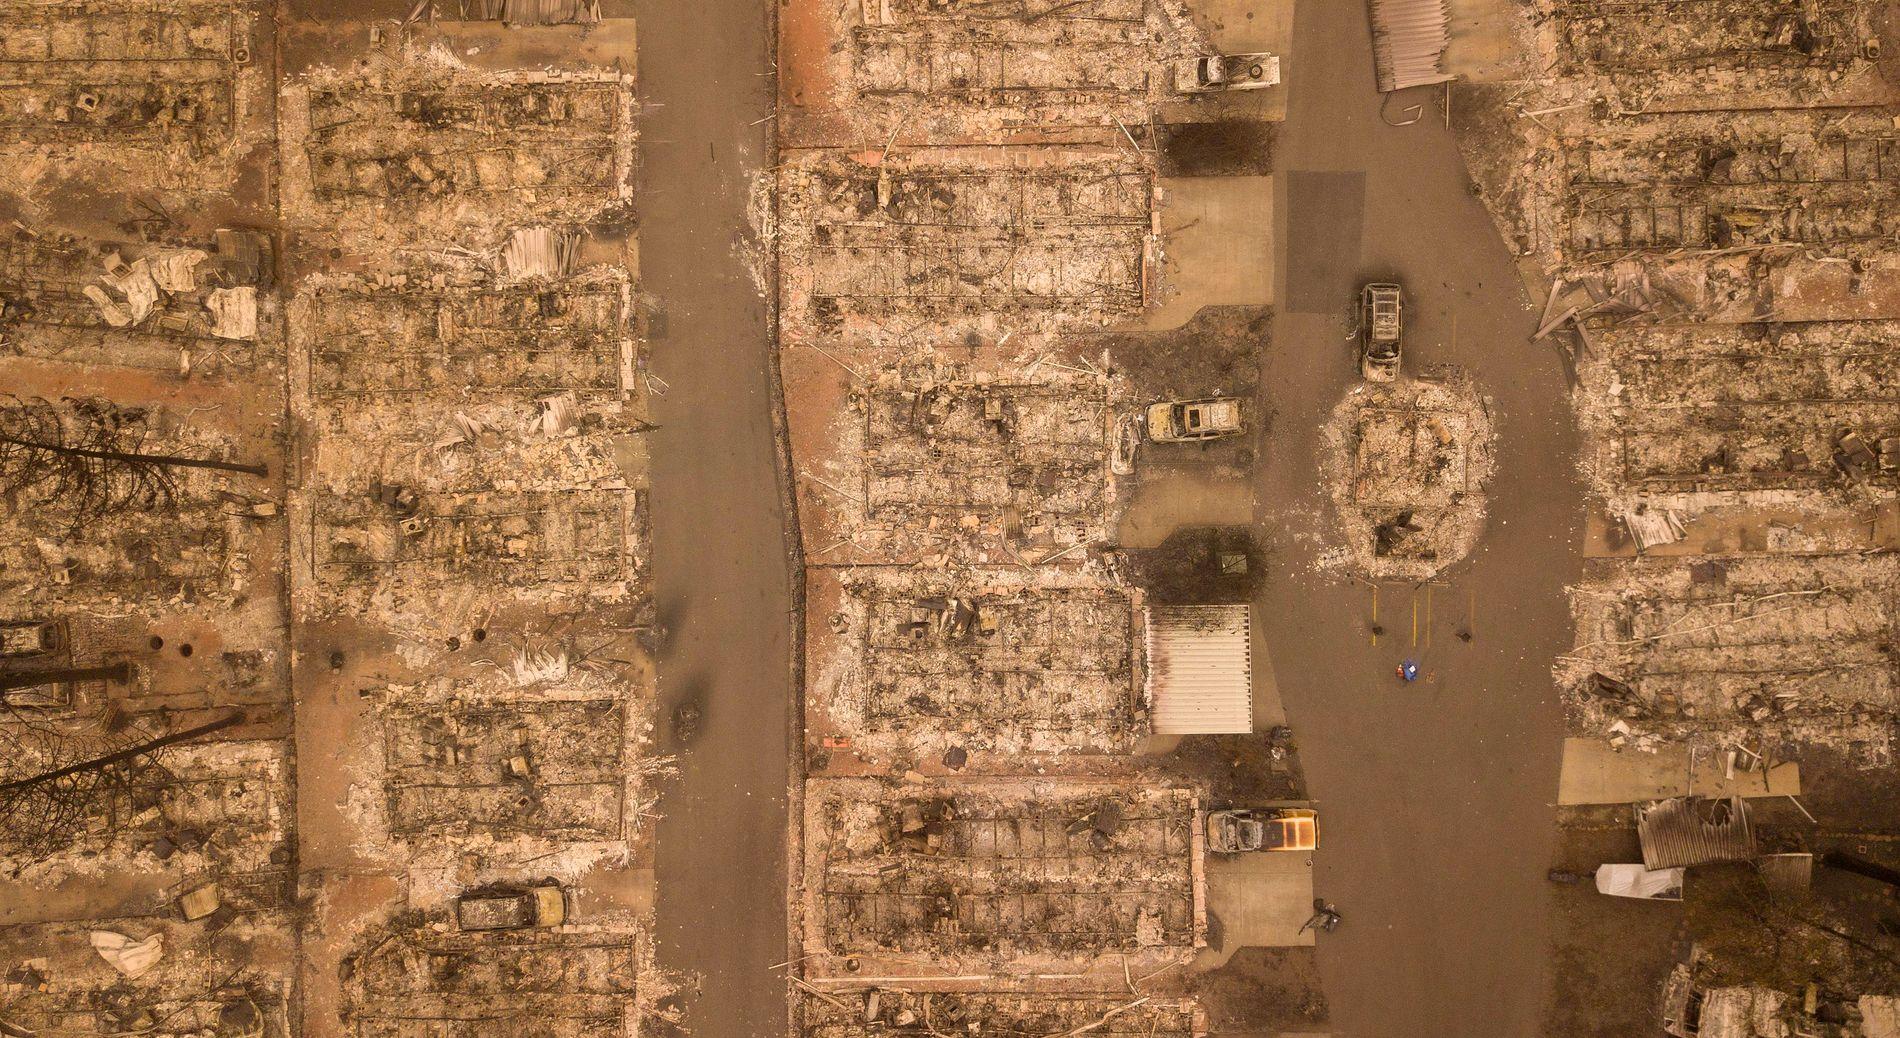 JEVNET MED JORDEN: Slik ser et nabolag i byen Paradise ut etter brannens herjinger.